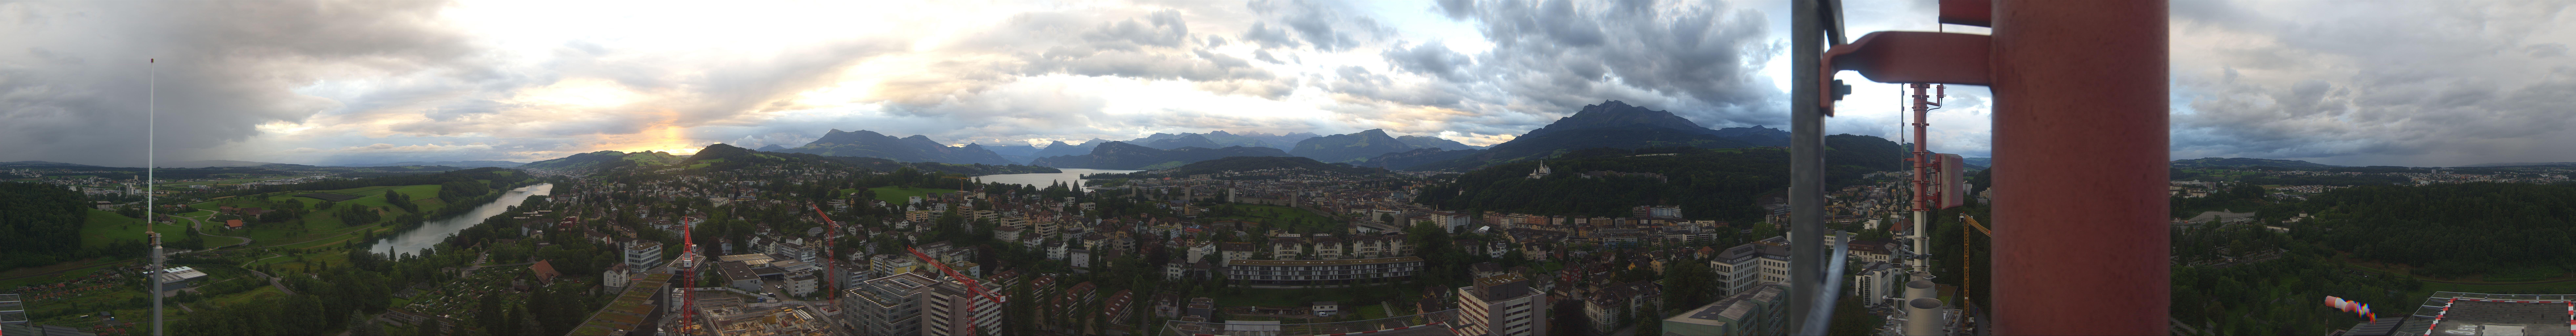 Luzern: Luzerner Kantonsspital